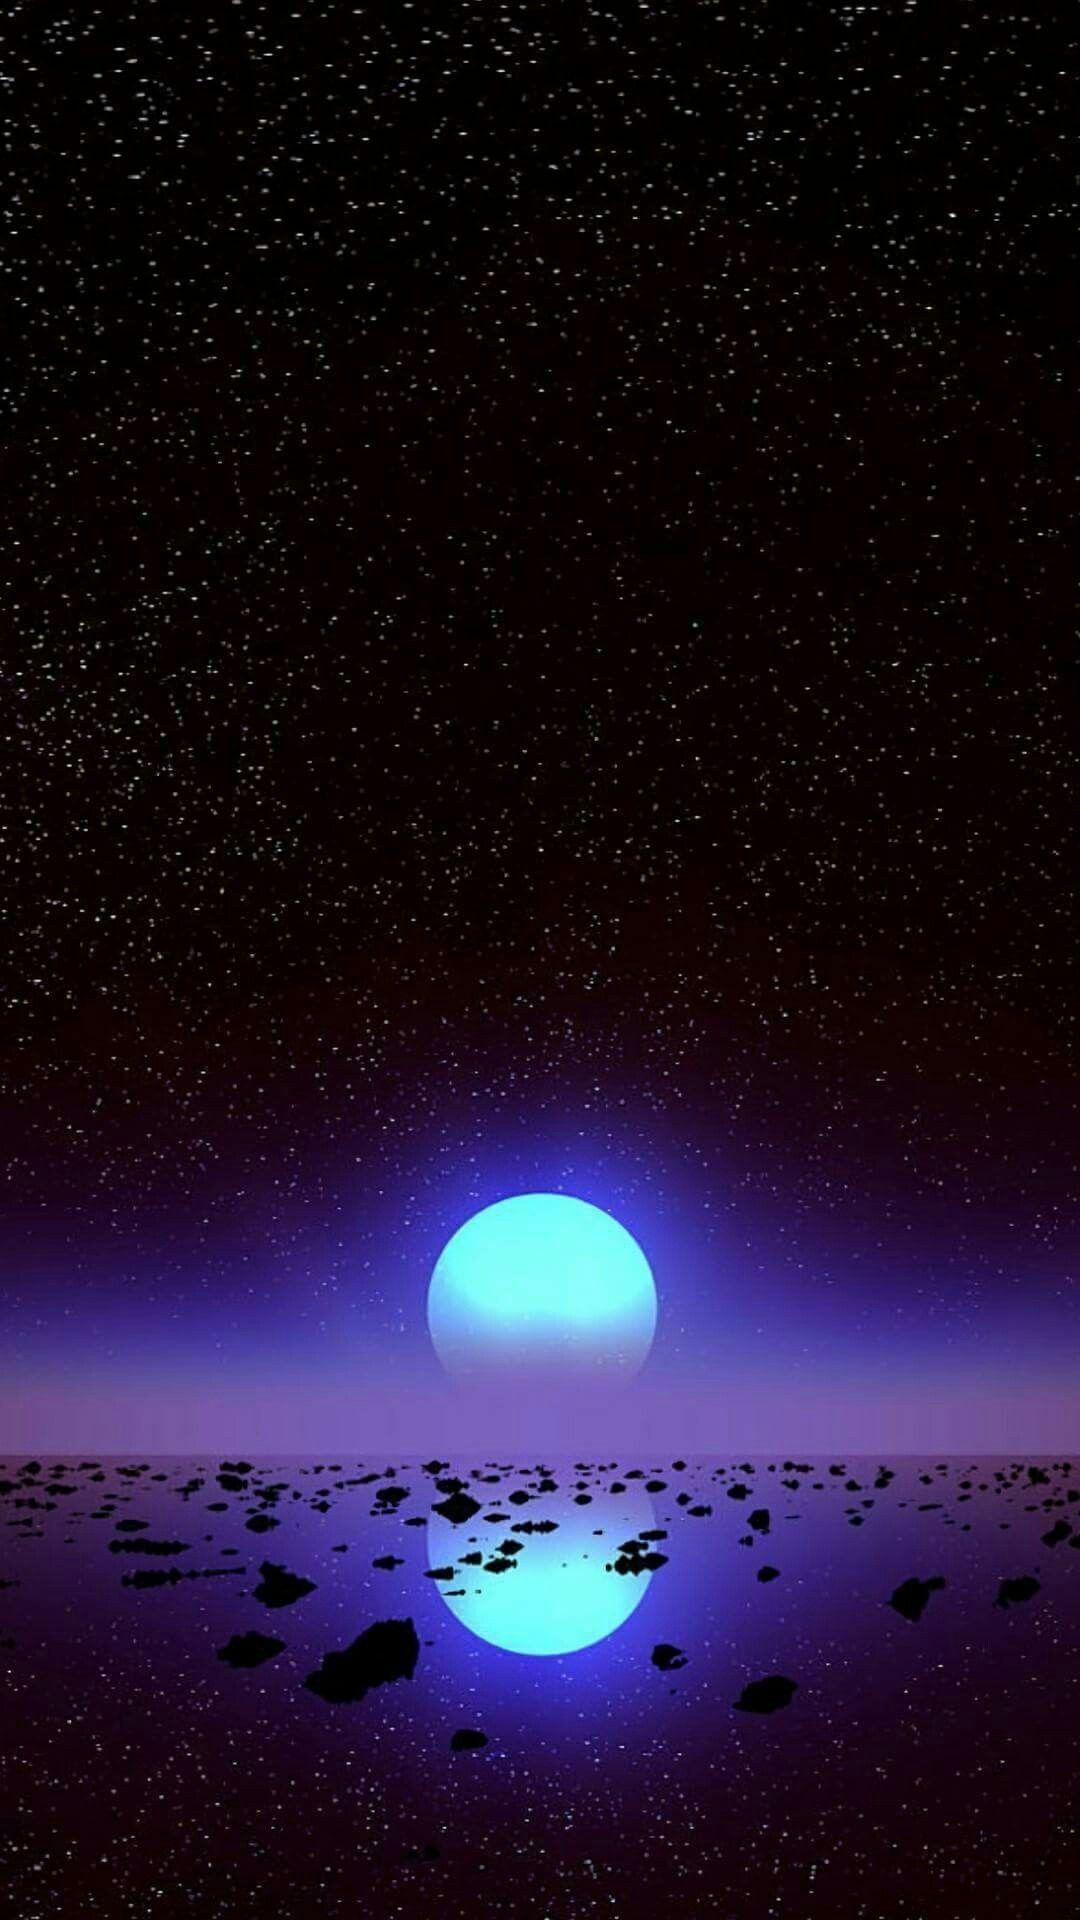 يارب فى فجر هذا اليوم استودعتك راحة قلبي وفرحتي ونفسي وأسألك تسهيلا لكل أموري واستودعك أدعية فاض بها قلبي فاستجبها Moon Art Galaxy Wallpaper Beautiful Moon